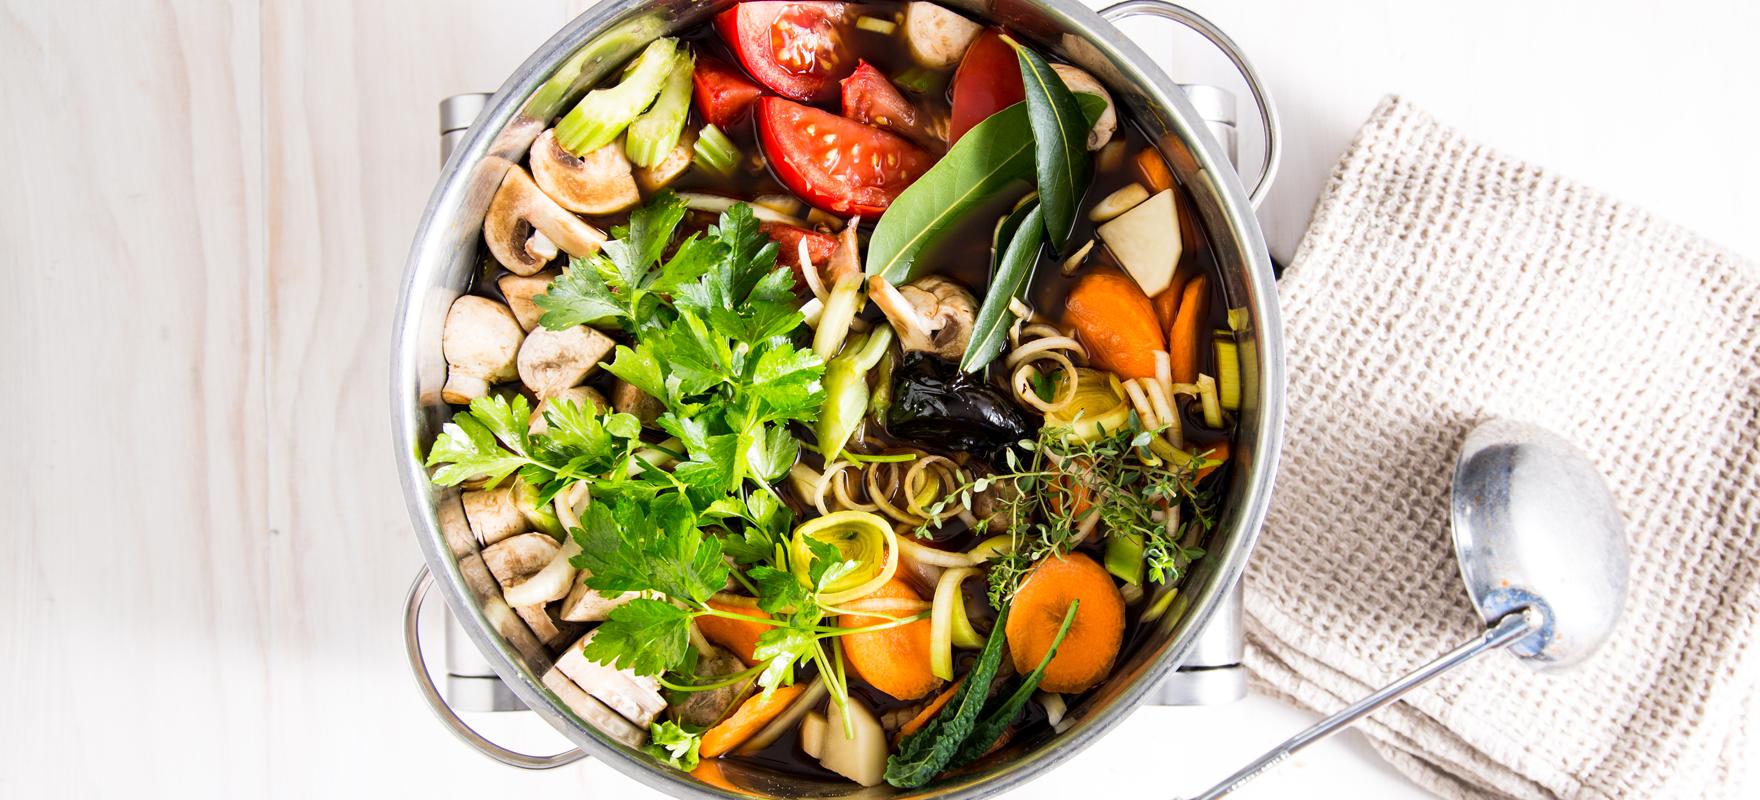 Homemade vegetable stock image 1